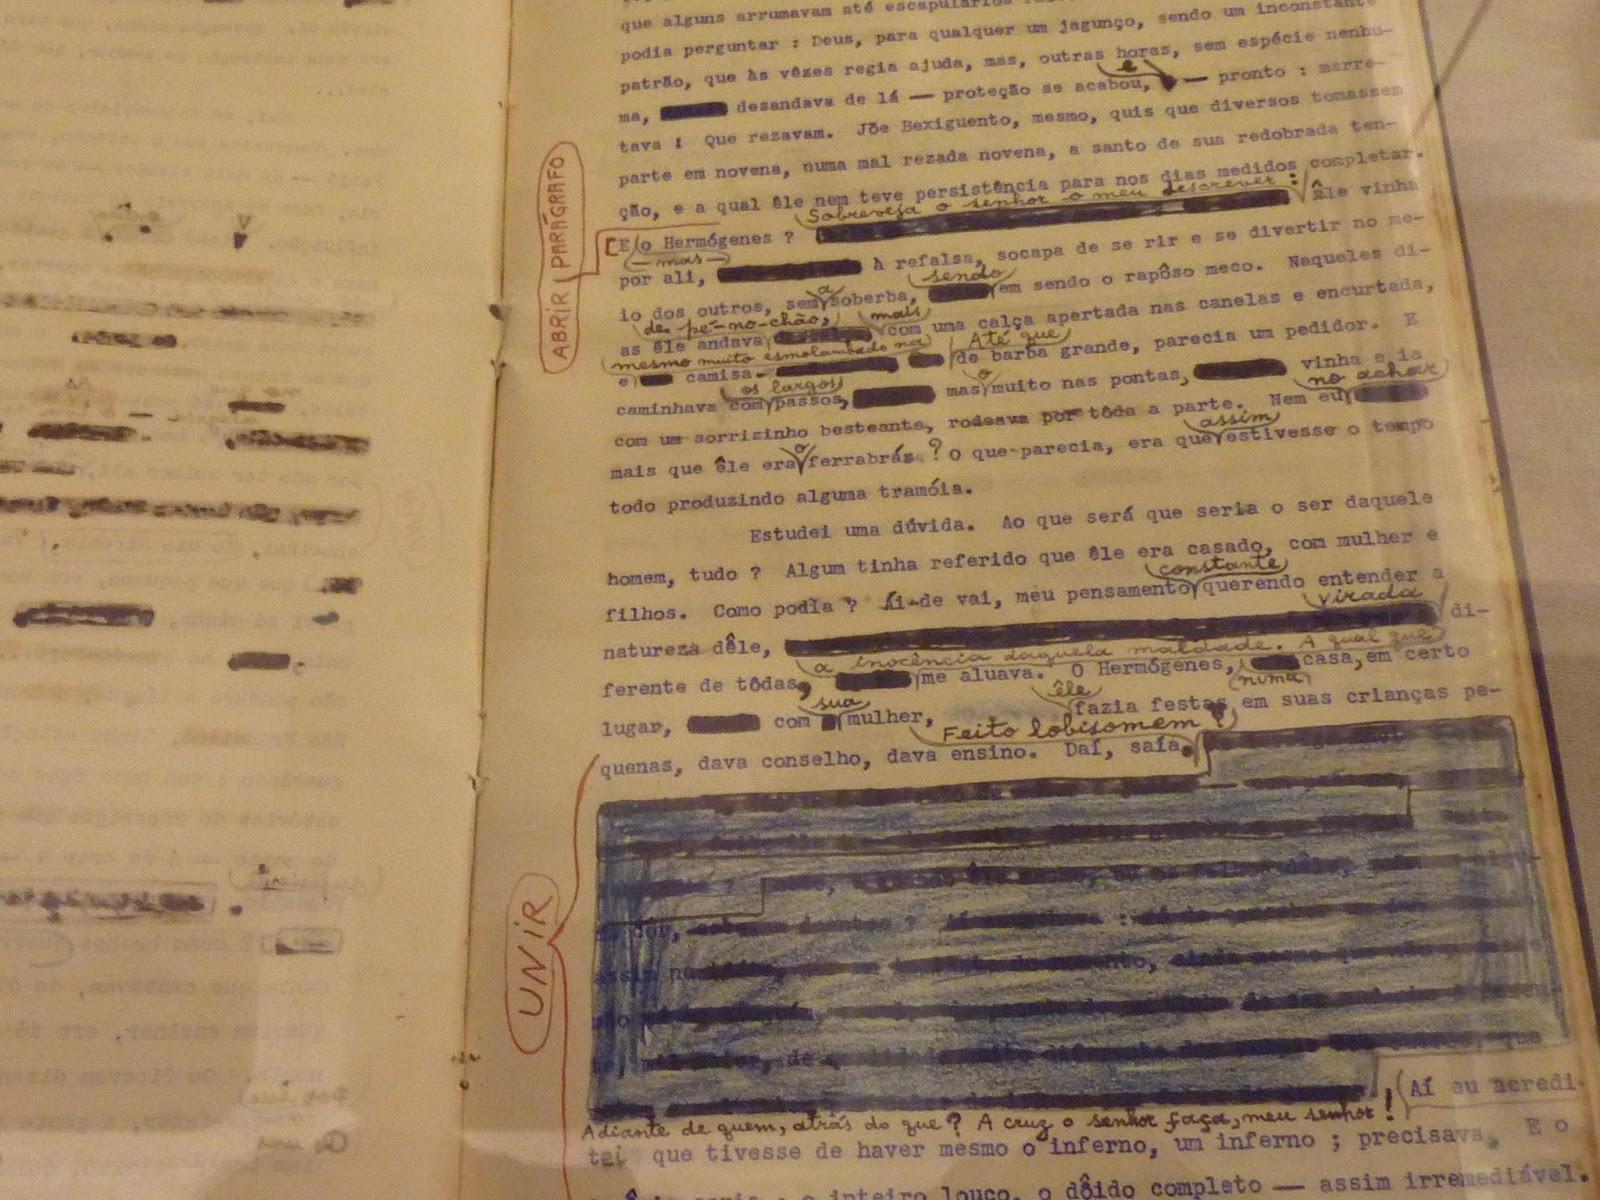 manuscrito guimarães rosa